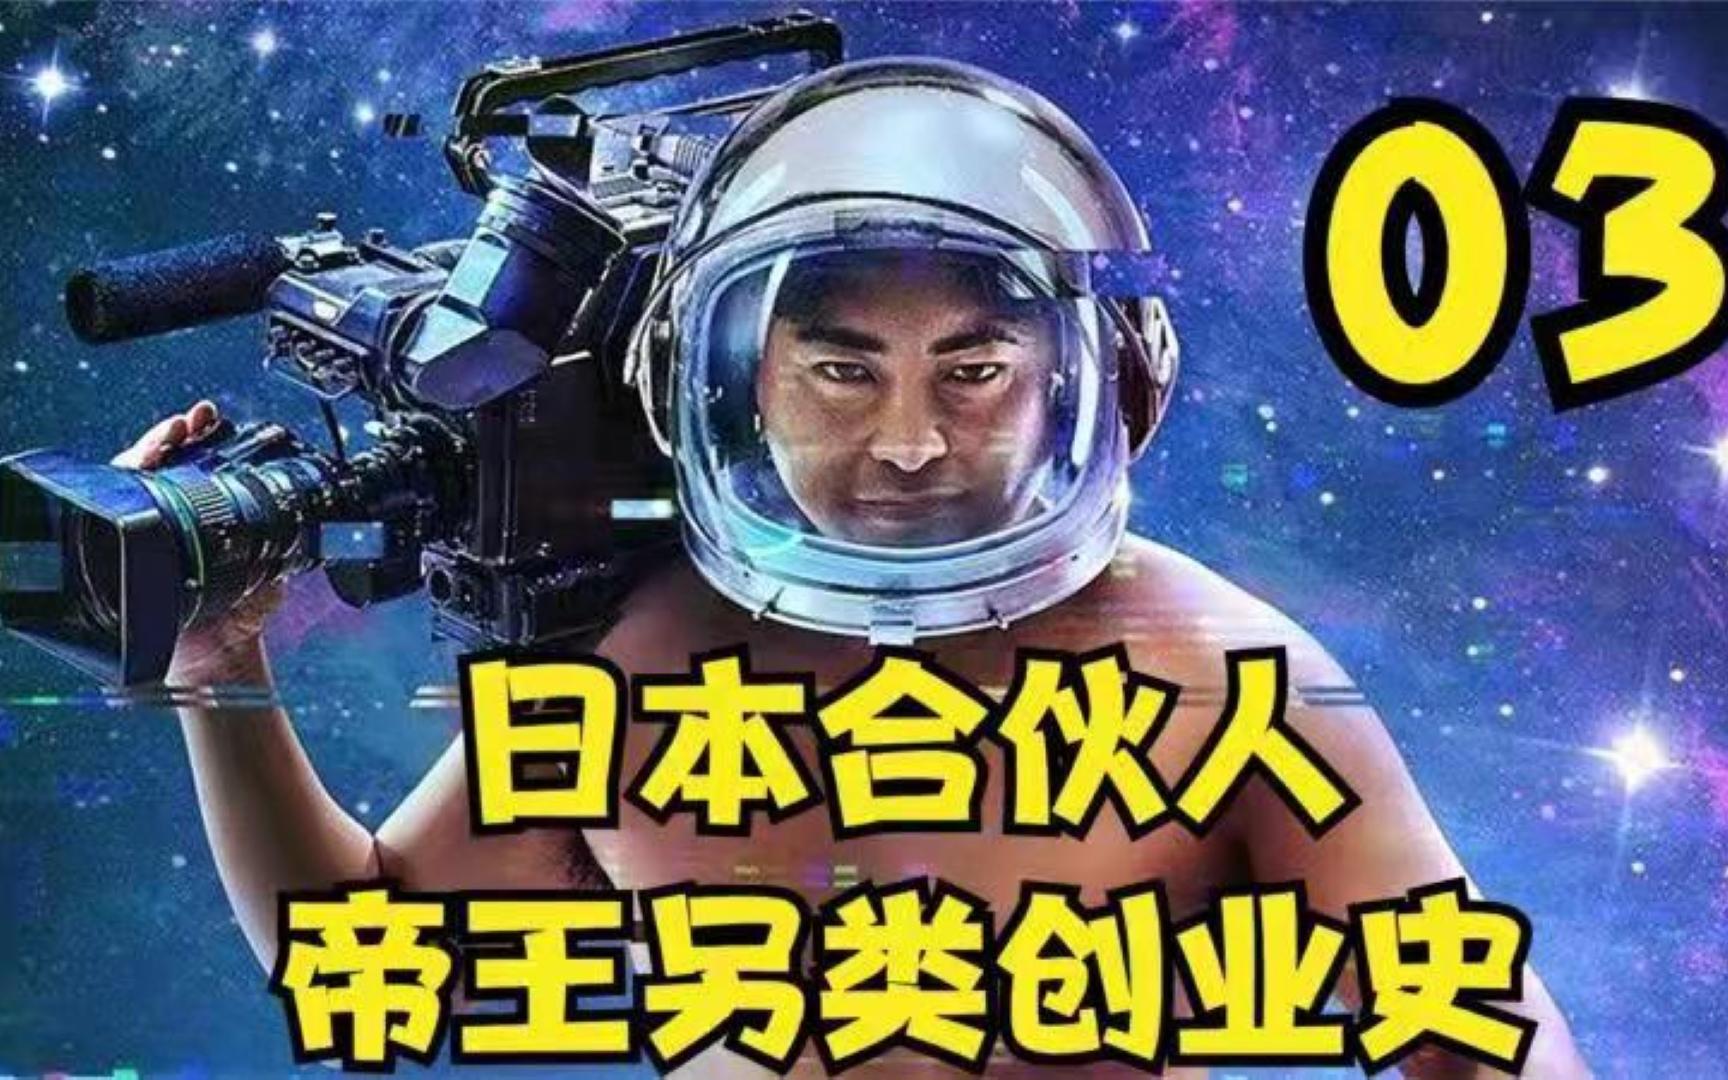 日本合伙人,为了给行业带来革命,不惜拍片3000部